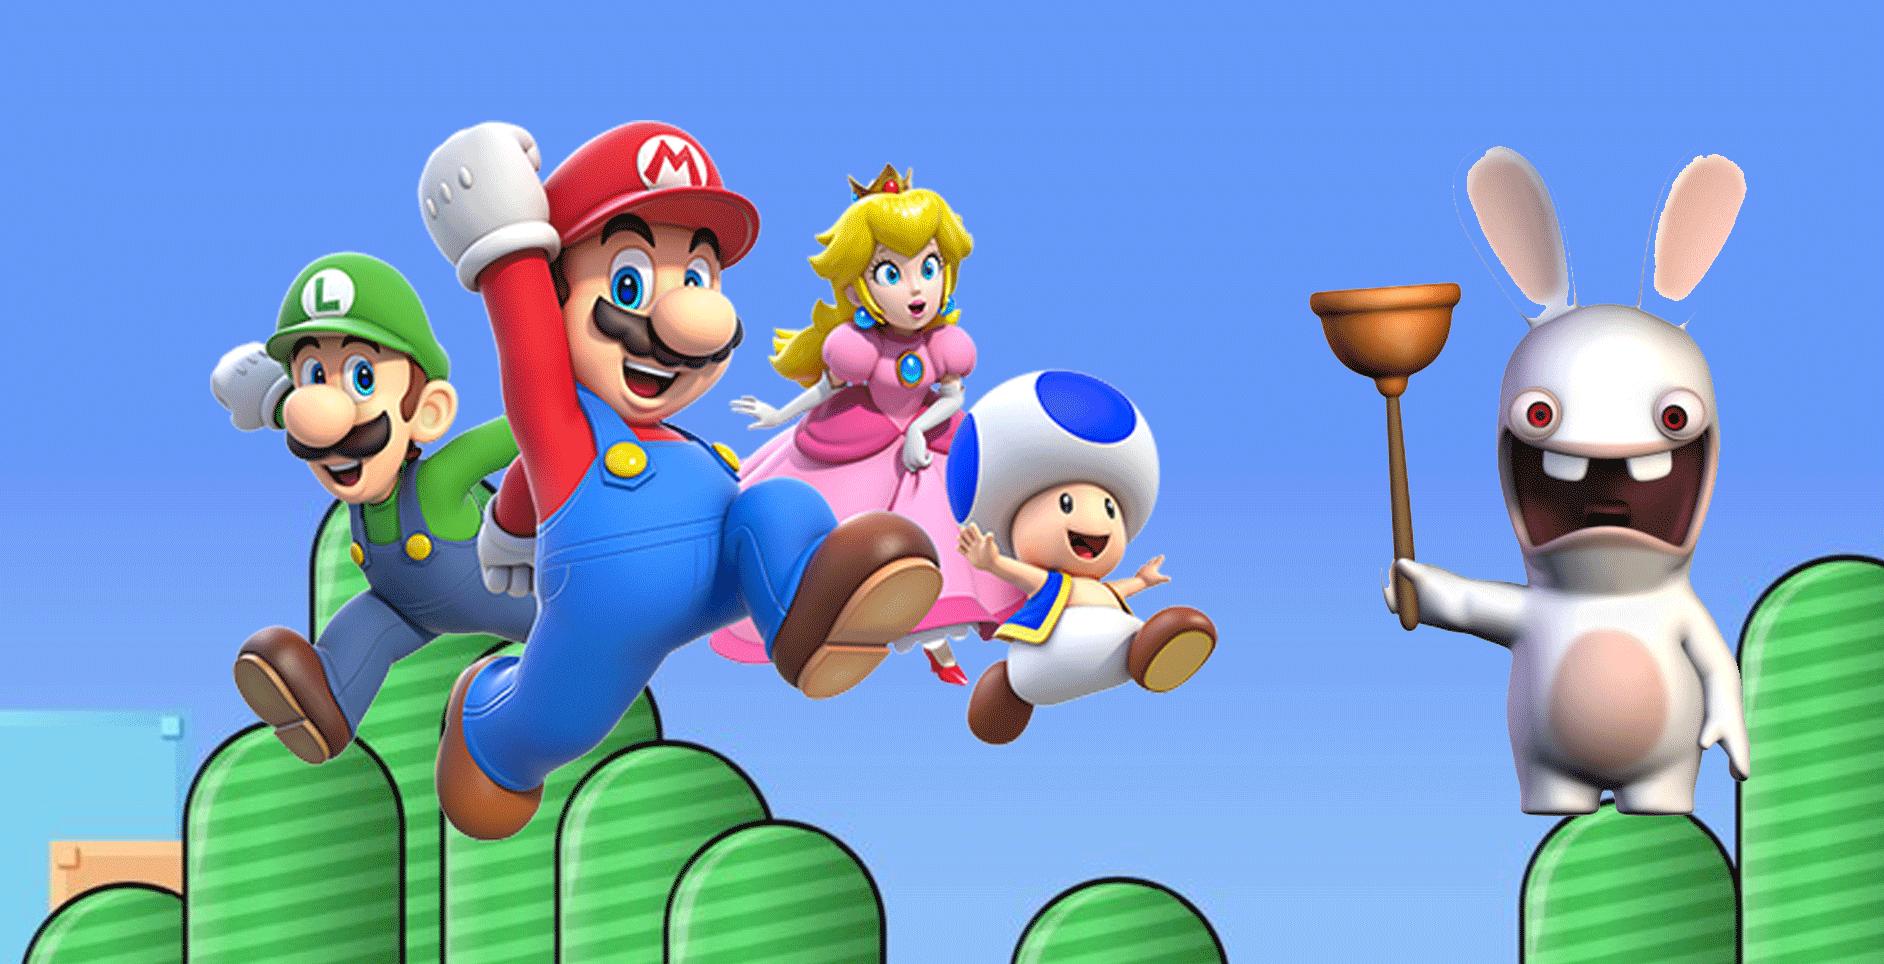 یوبیسافت به زودی بازیهای بیشتری برای نینتندو سوییچ معرفی میکند